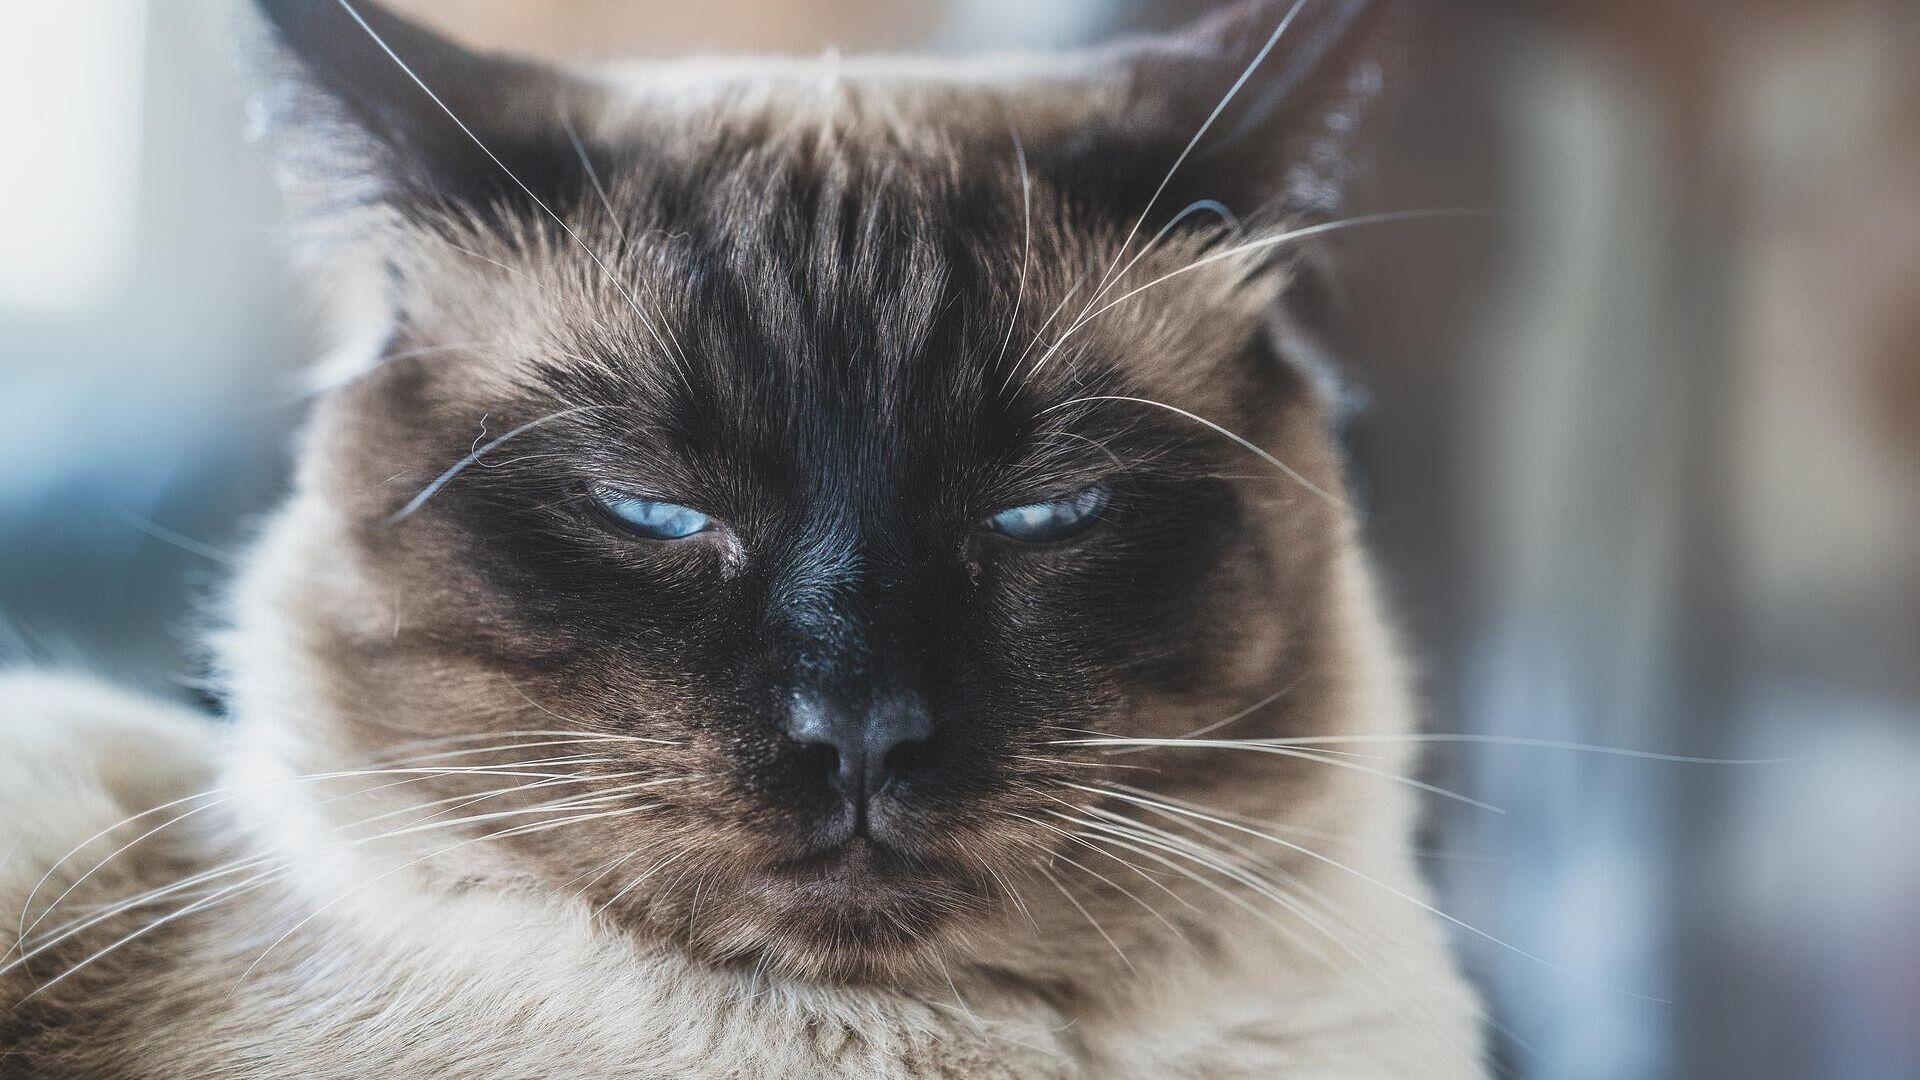 Un gato descontento - Sputnik Mundo, 1920, 04.03.2021